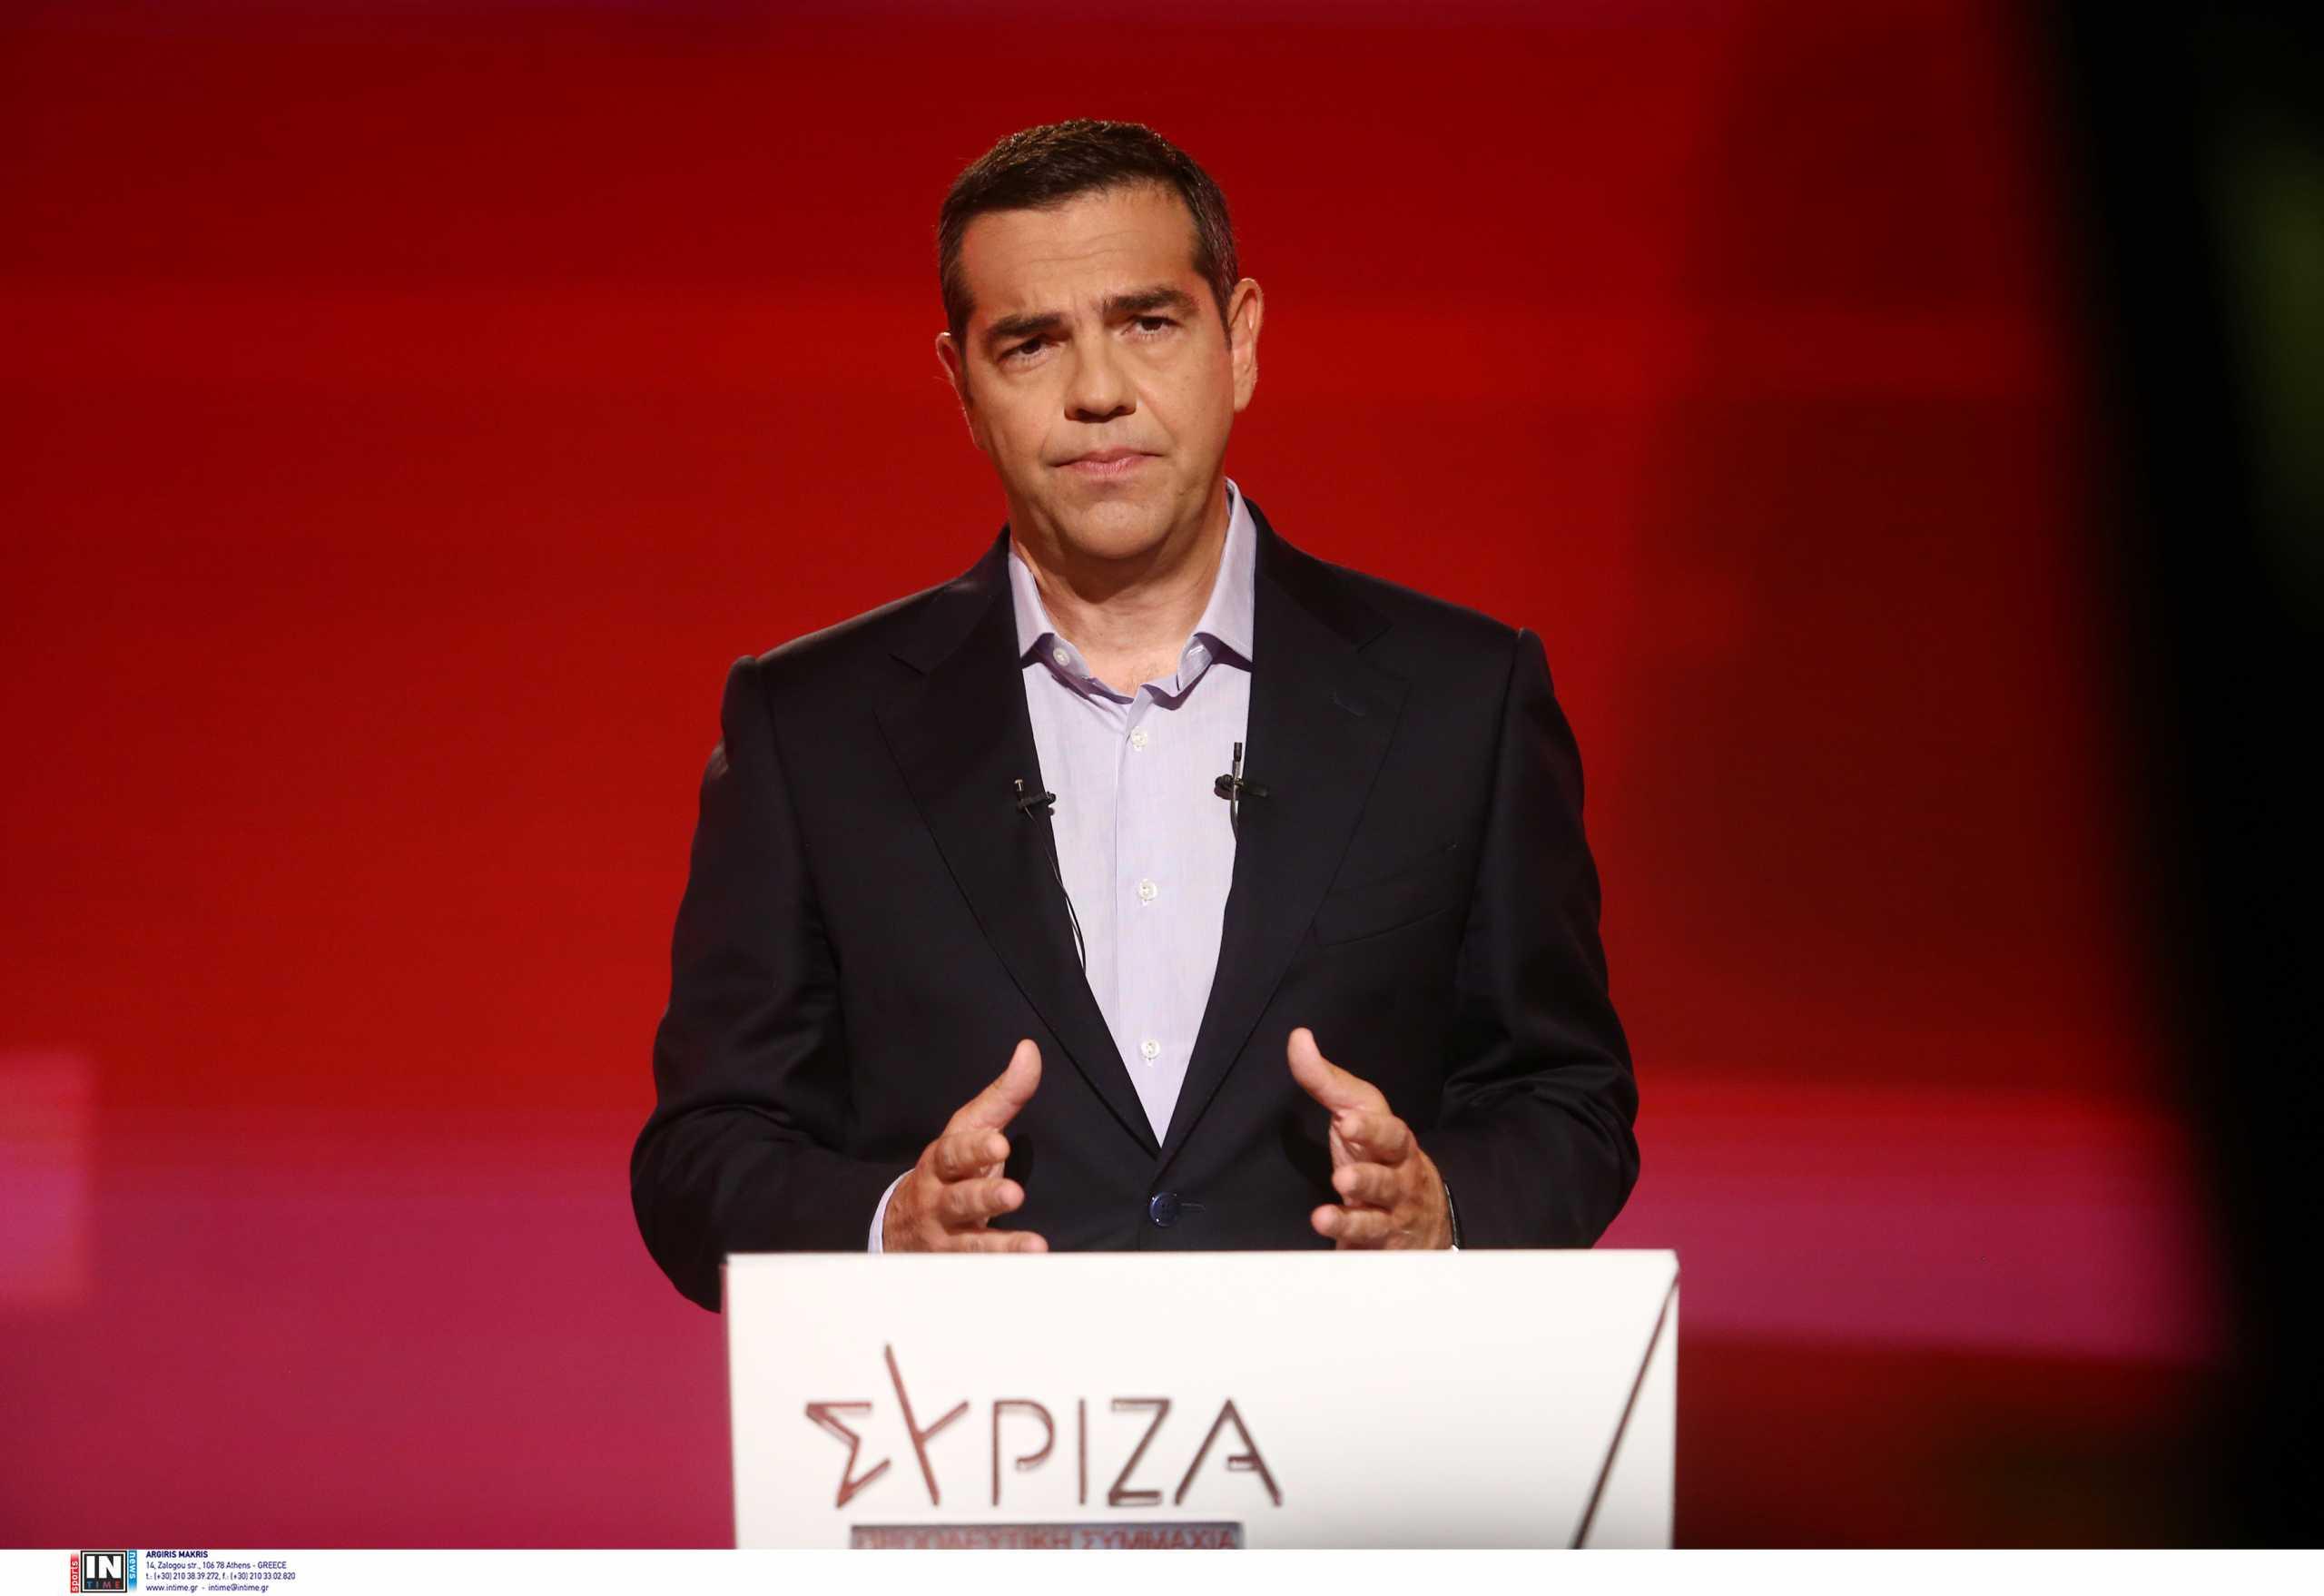 Τσίπρας με το… βλέμμα σε εκλογές: «Όταν ο λαός το ορίσει, ελπίζω σύντομα, θα είμαστε έτοιμοι»